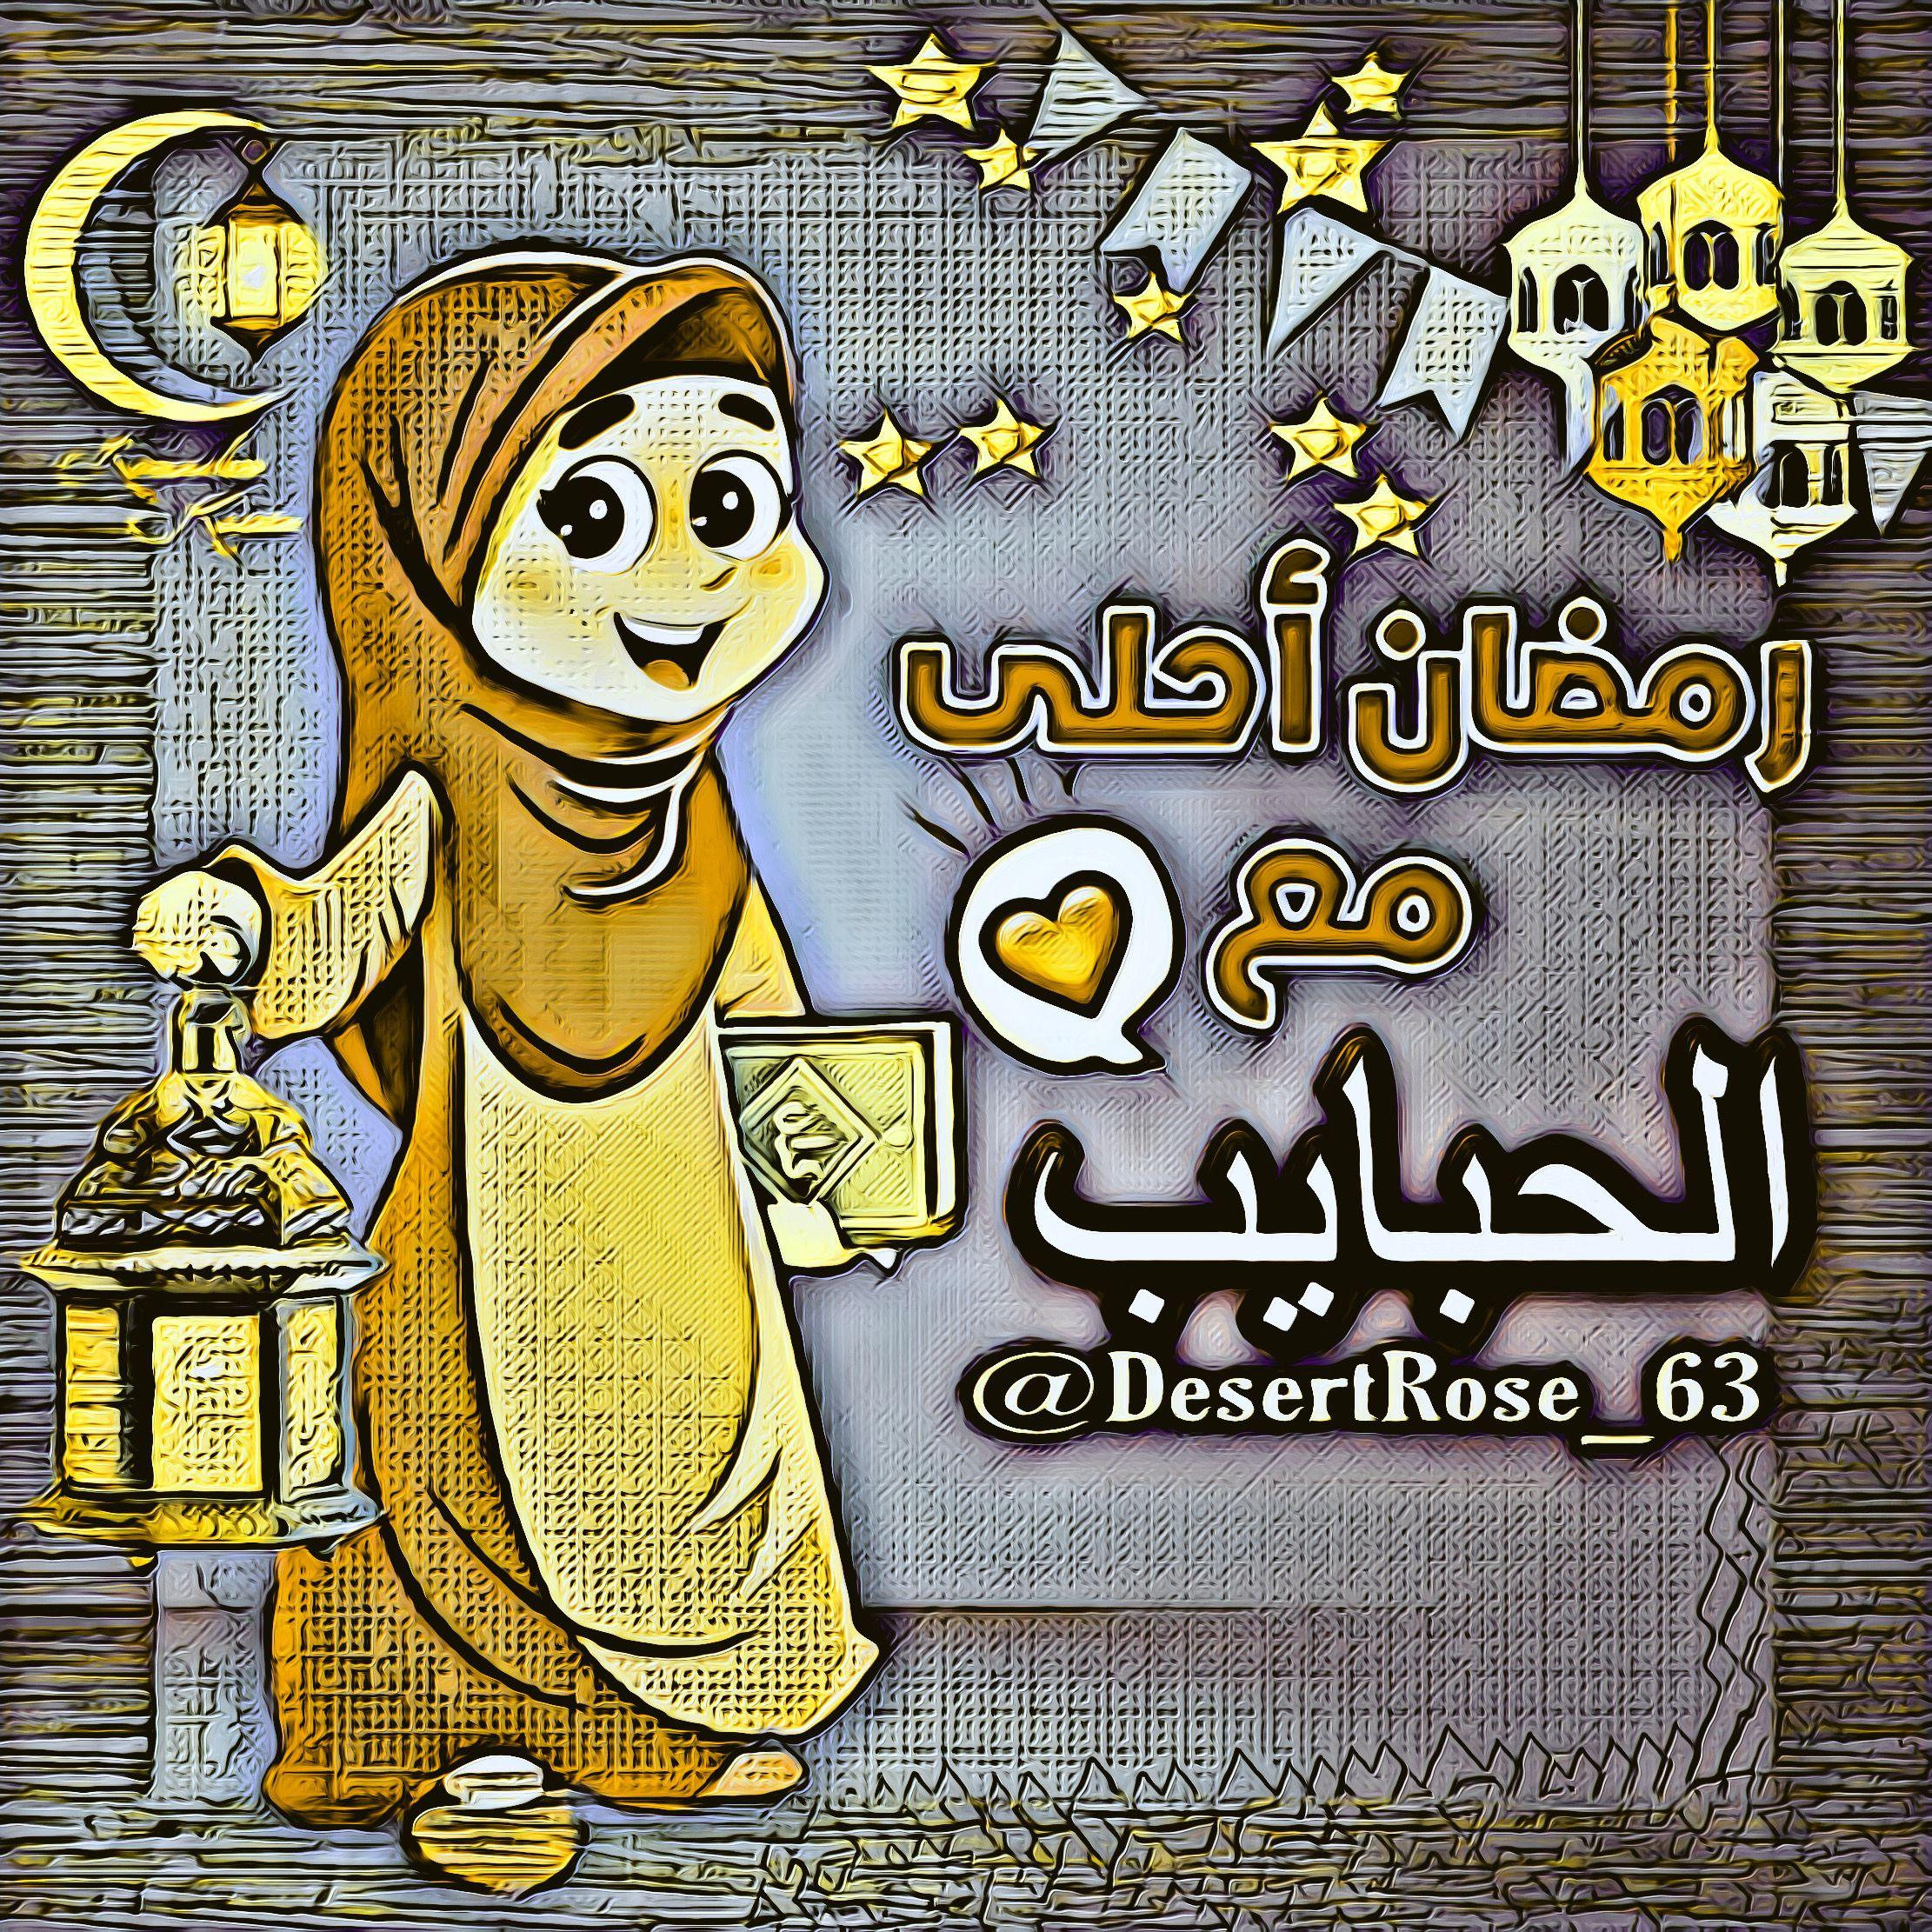 أسأل الله الذي لا تضيع ودائعه أن يكون معكم في كل خطوة وأن يحفظكم من كل سوء Cute Love Gif Cartoon Wallpaper Ramadan Kareem